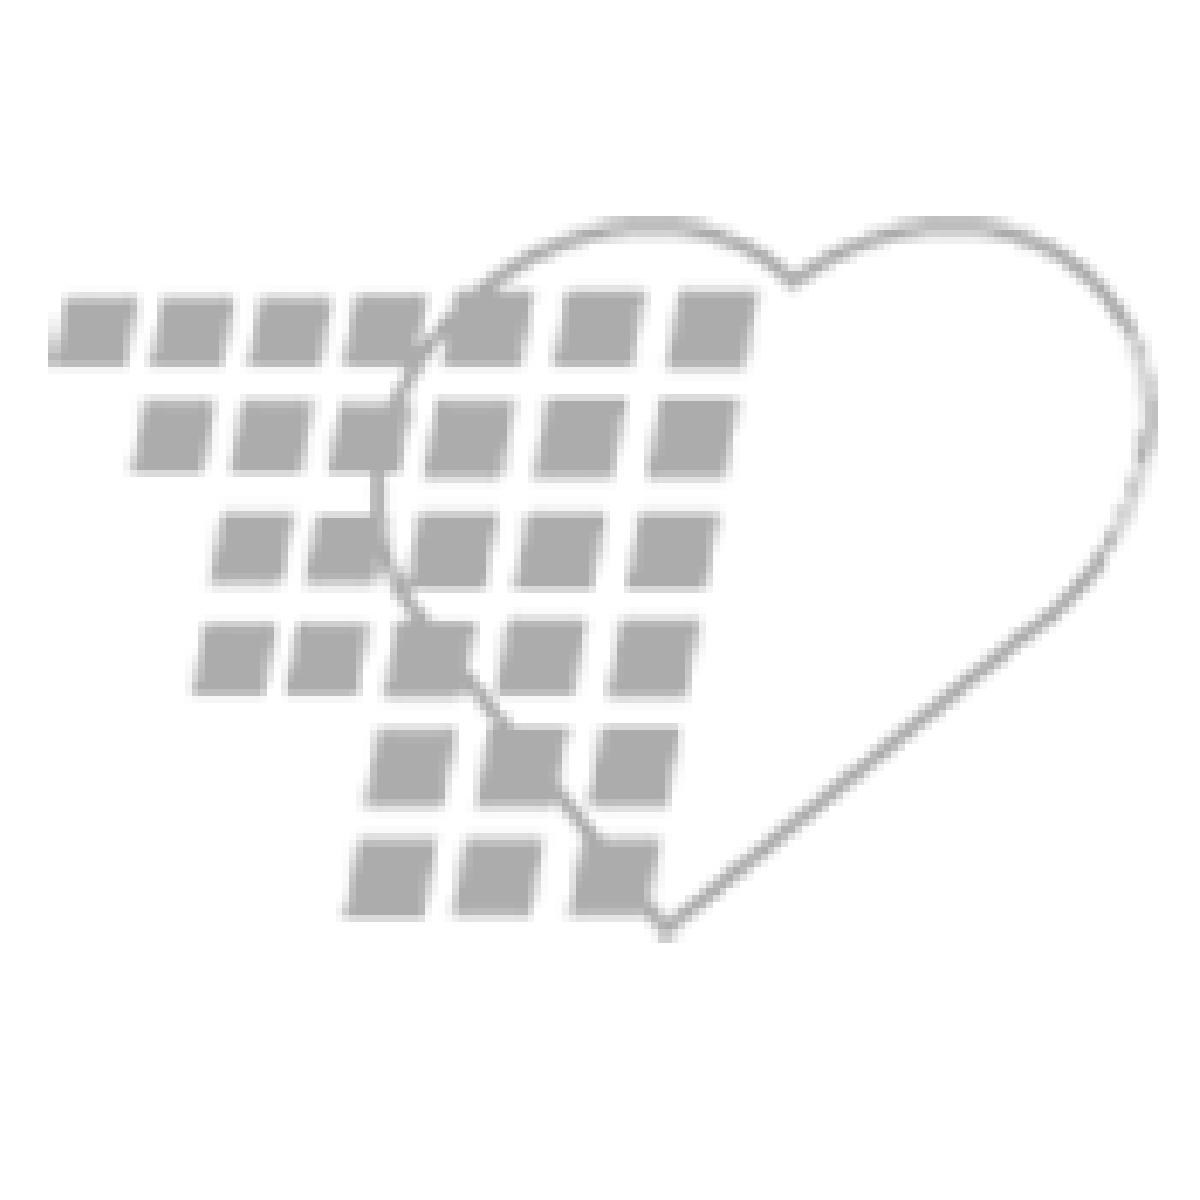 05-92-2051 Non-Sterile Screw Top Specimen Cup - 120 mL/4 oz